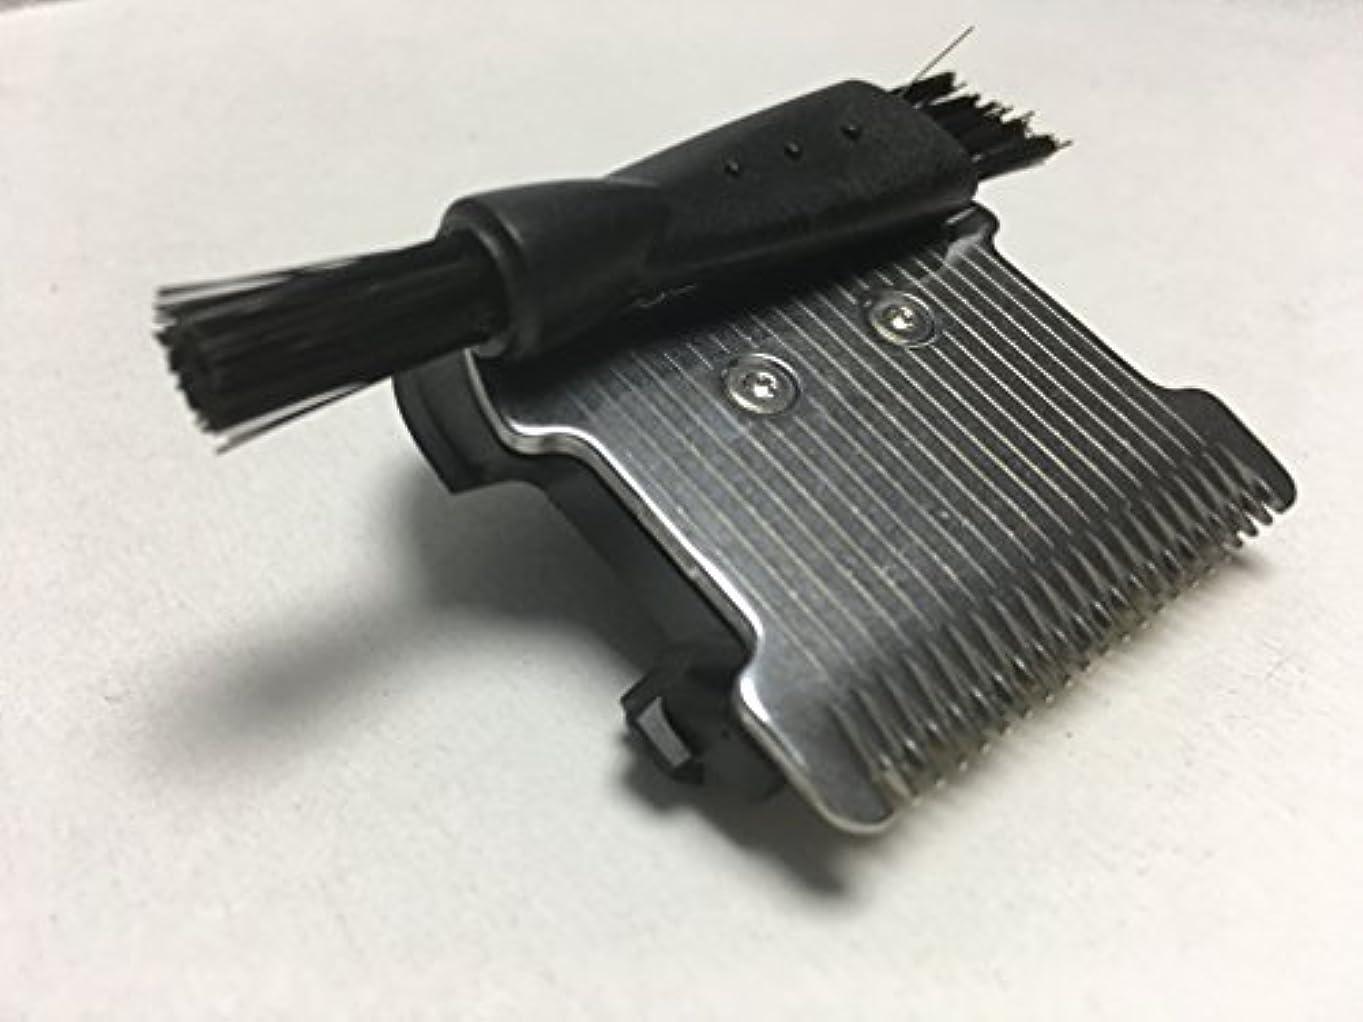 シェーバーヘッドバーバーブレード フィリップス Philips HC9490 HC9452/15 HC9490/15 Series 9000 フィリップス ノレッコ ワン?ブレード 交換用ブレード Shaver Razor...